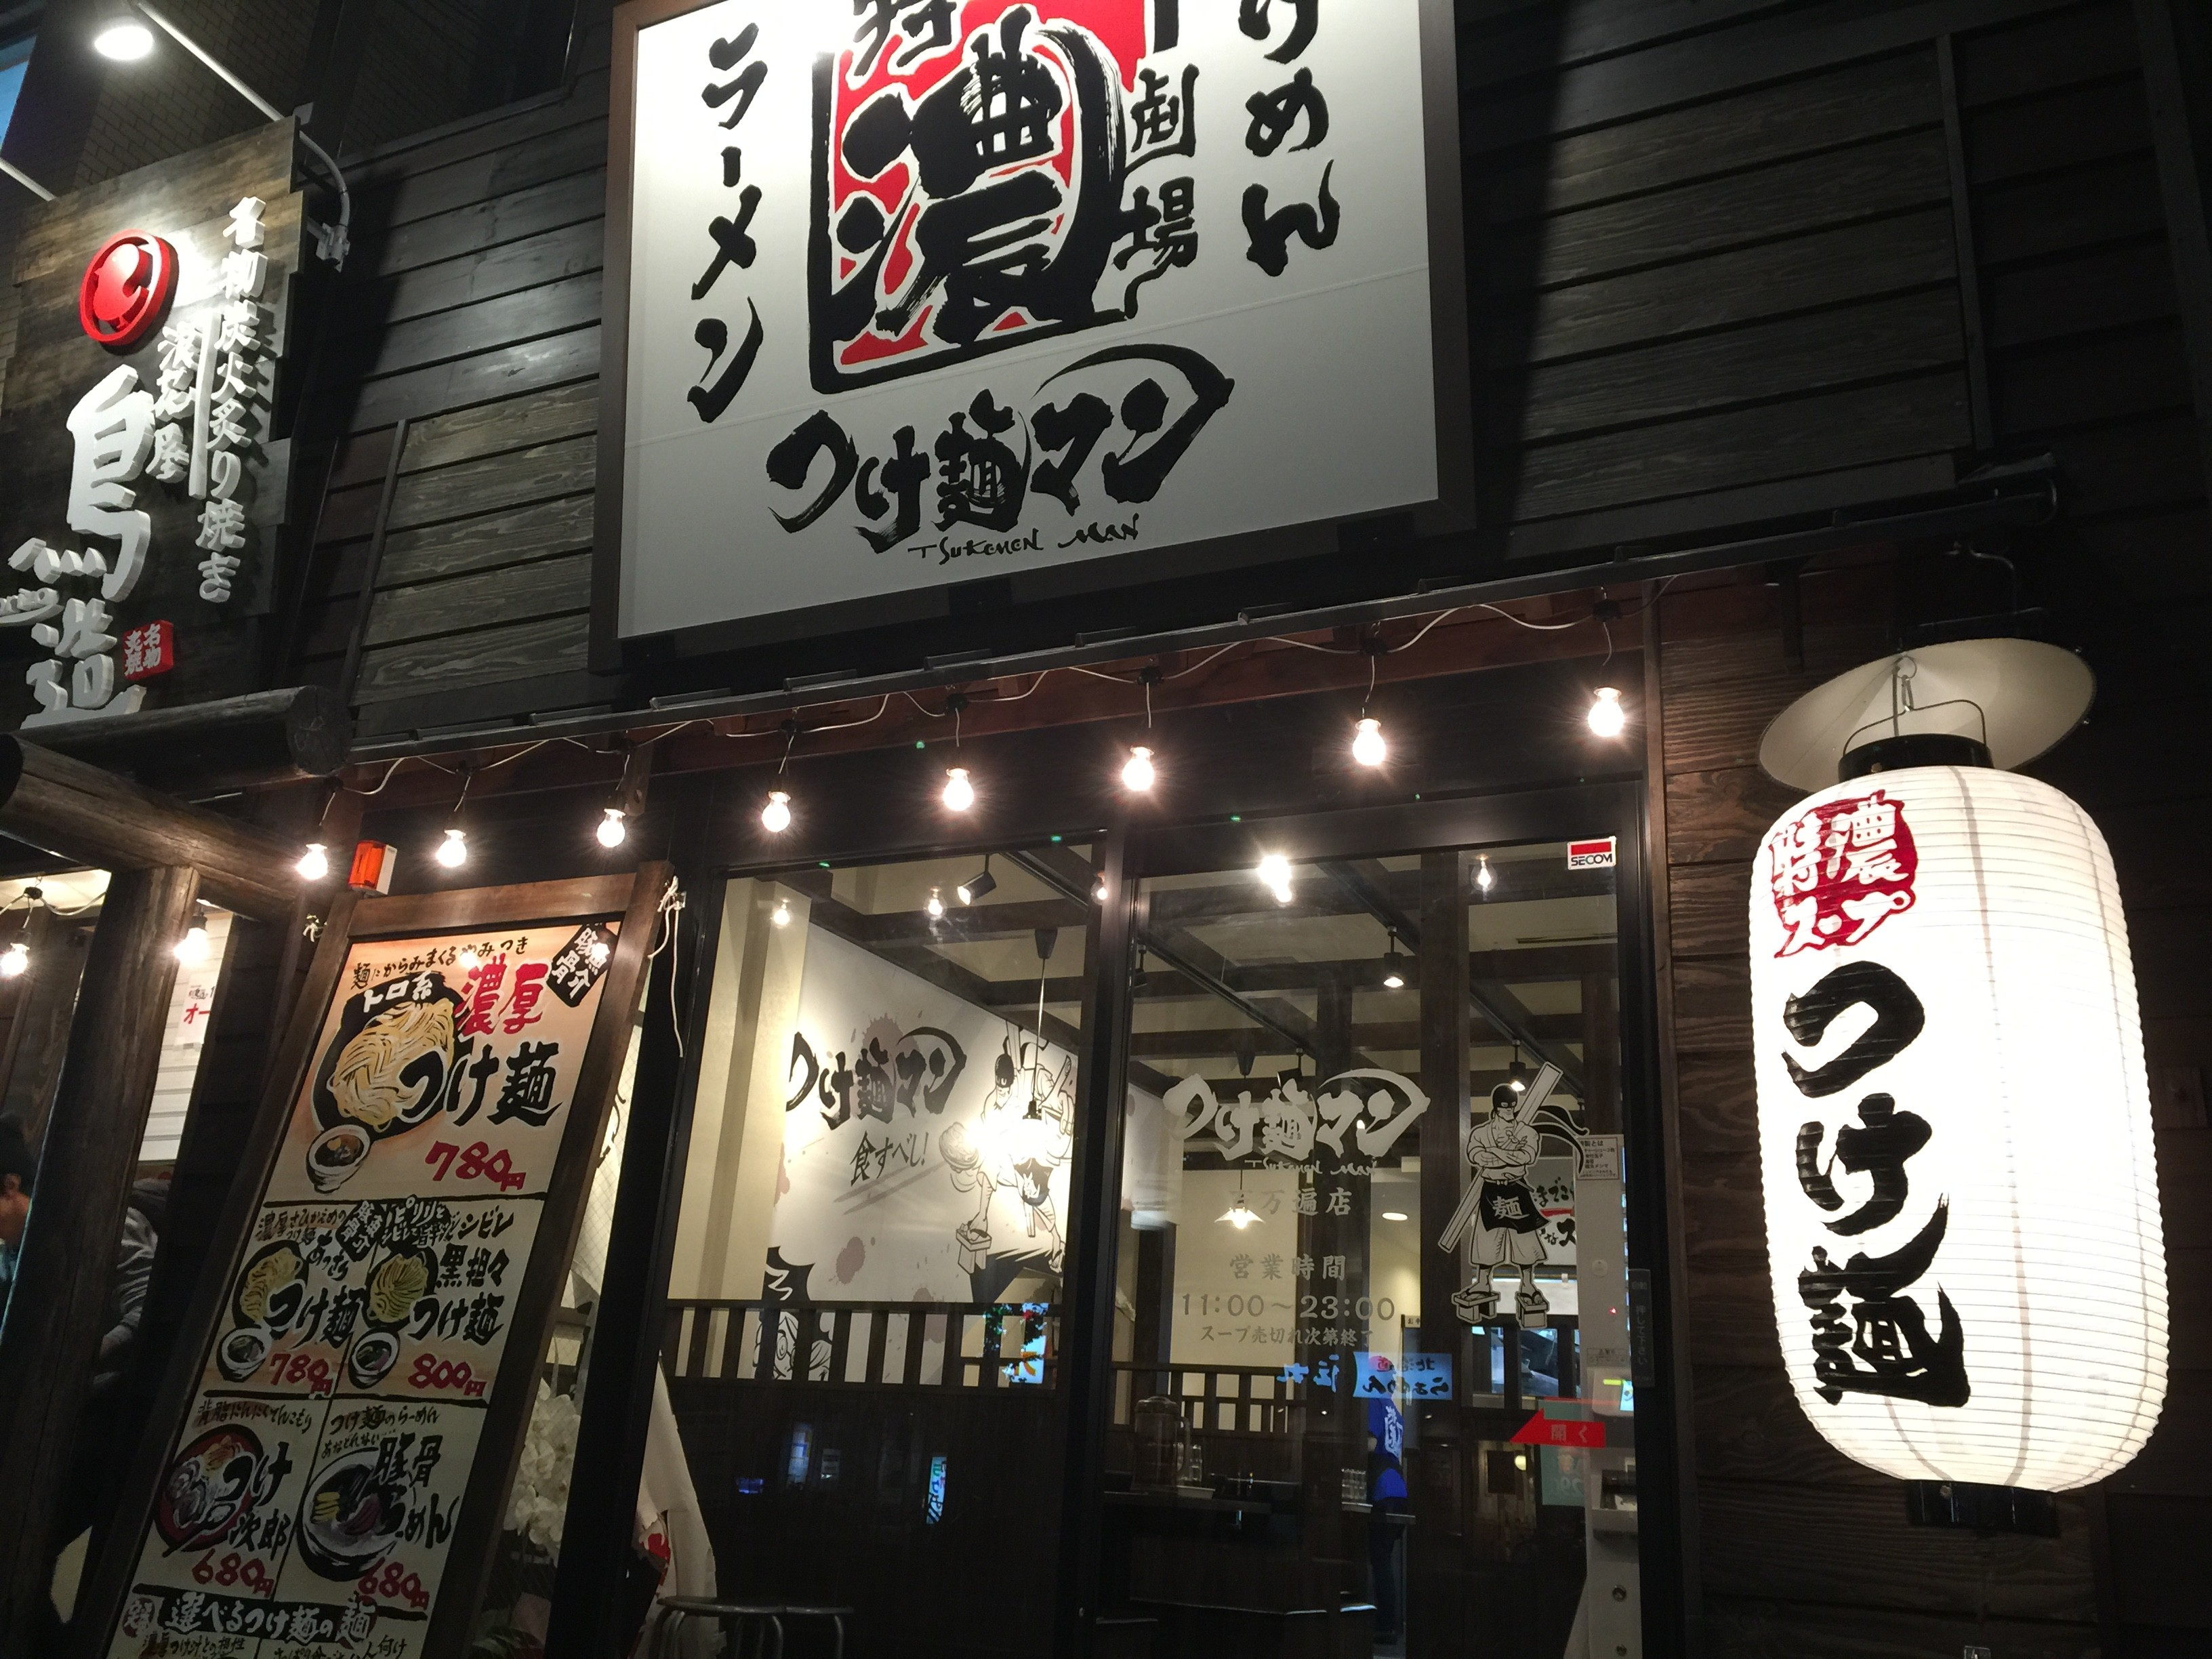 つけ麺マン烏丸今出川店 のアルバイト情報